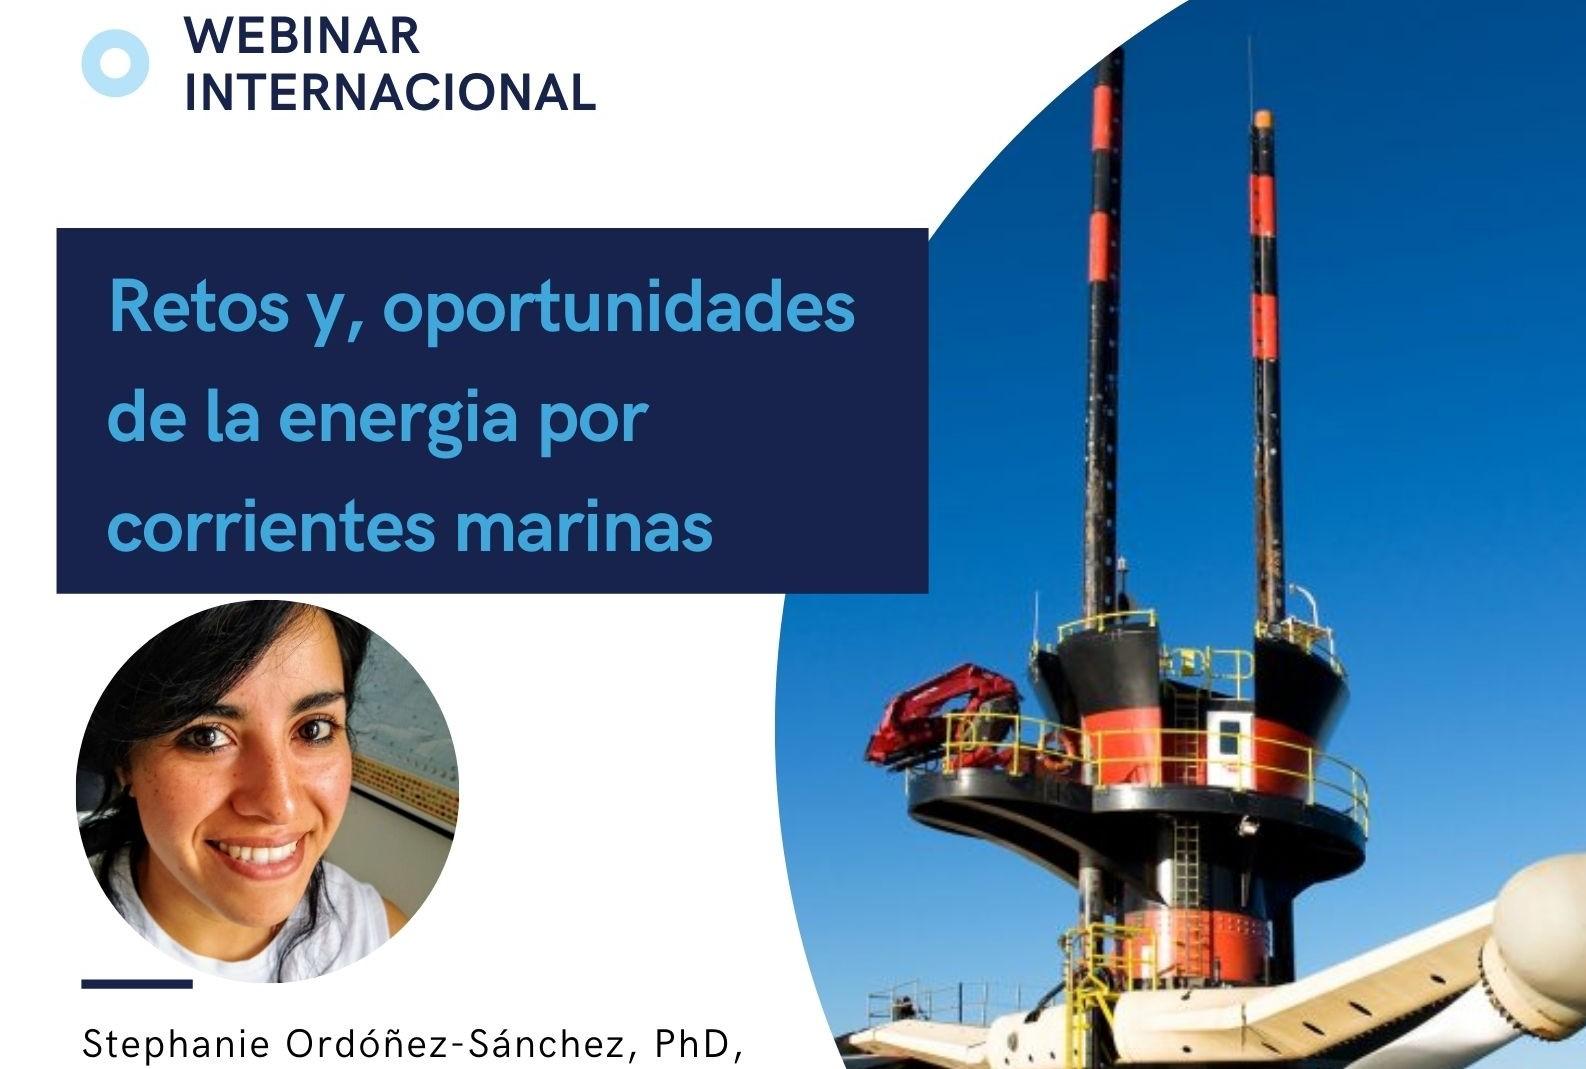 Webinar: Retos y oportunidades de la energía por corrientes marinas